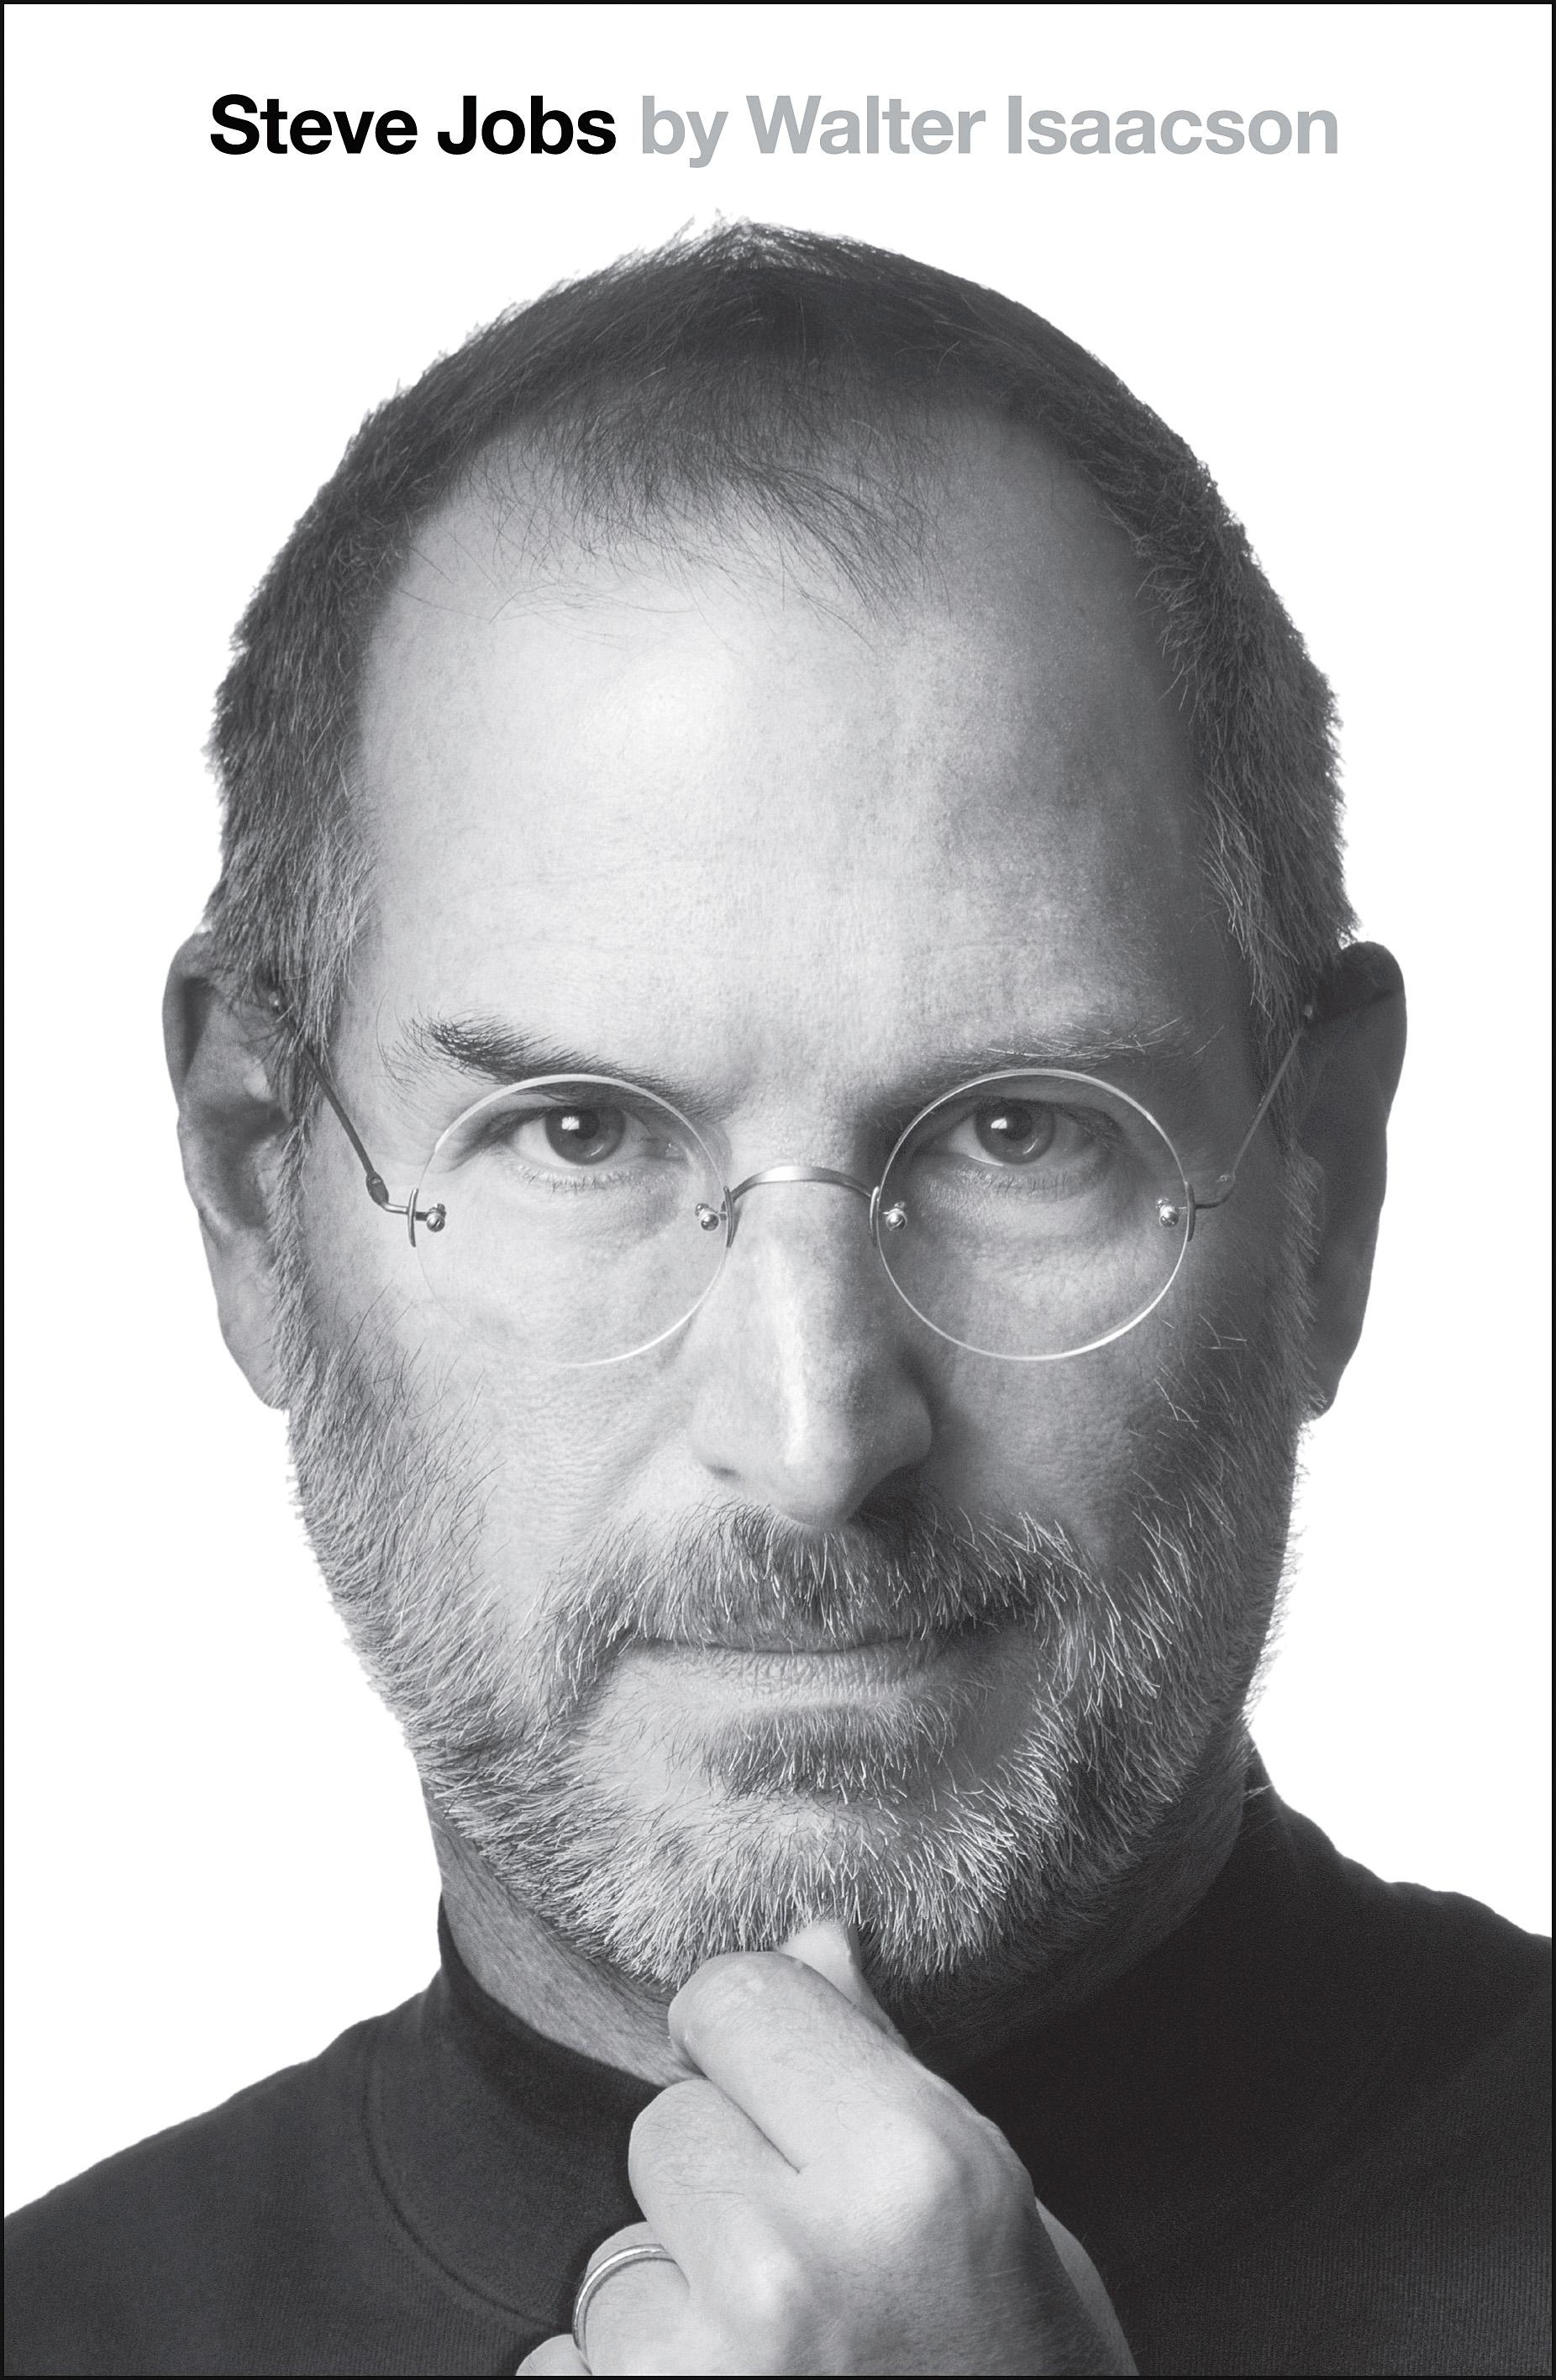 賈伯斯:消失的專訪(Steve Jobs: The Lost Interview)美國影城16日上映(含波士頓 WGBH 訪談影片)